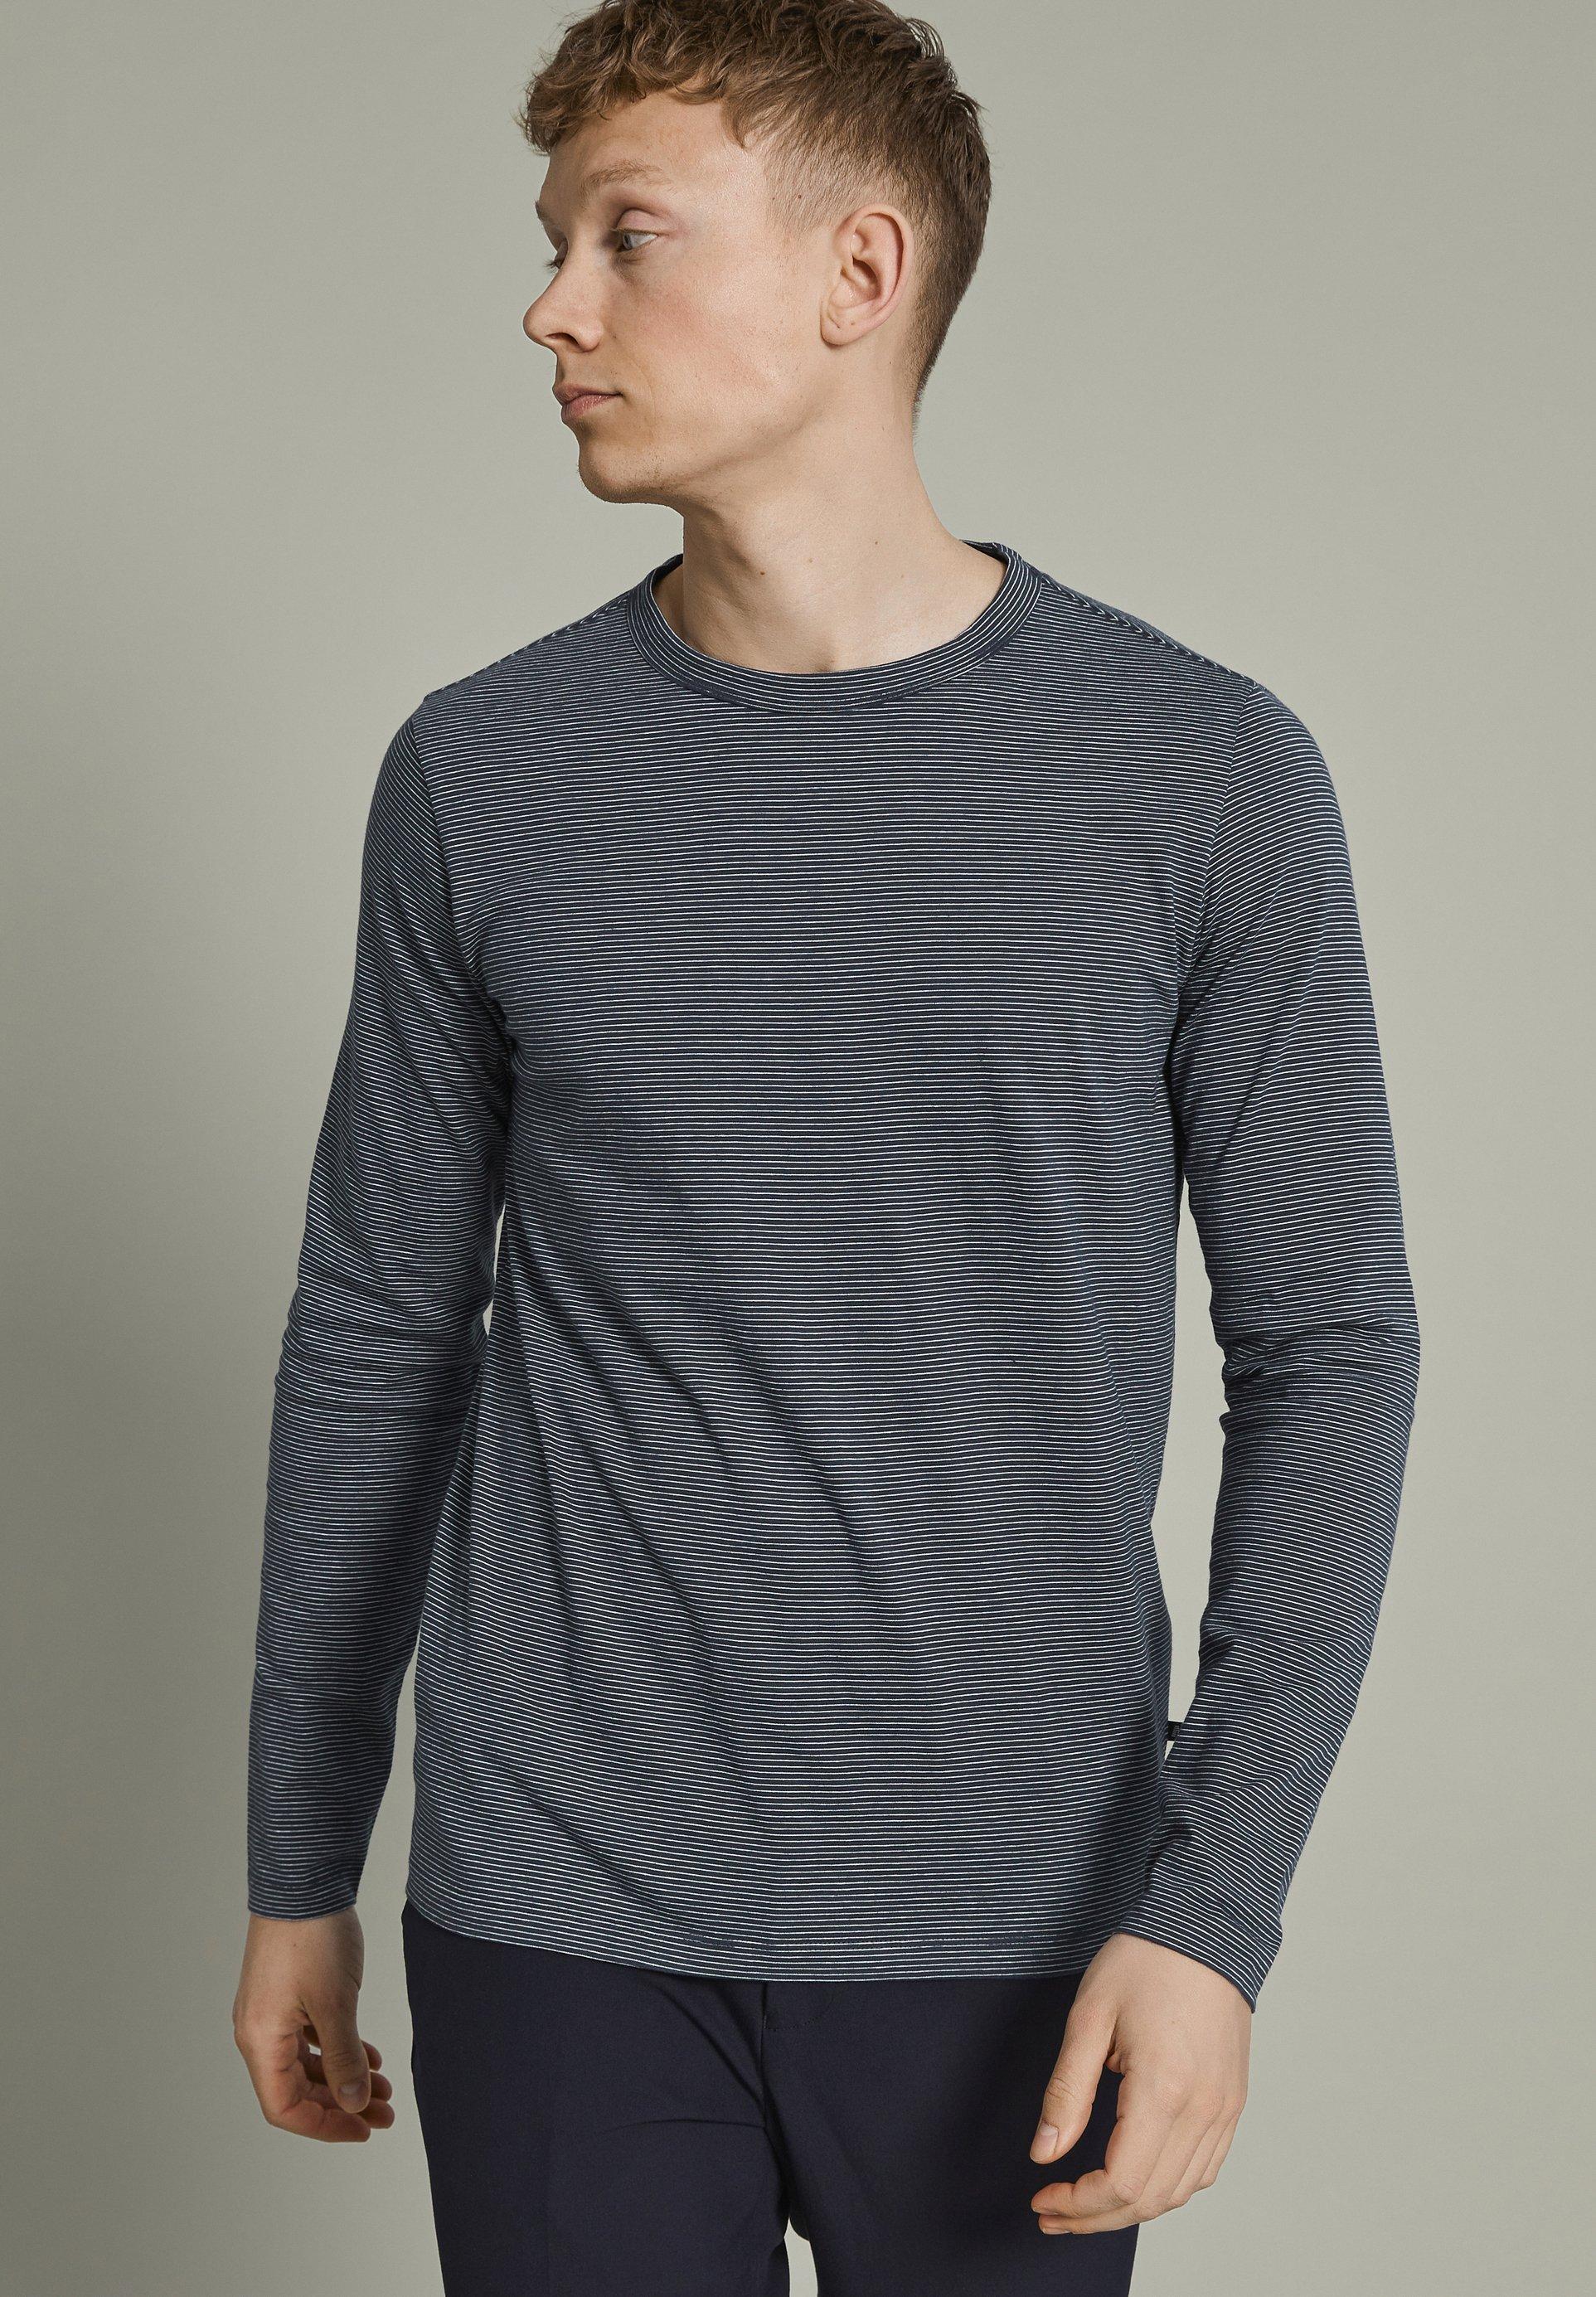 Uomo MAJERMALONG - Maglietta a manica lunga